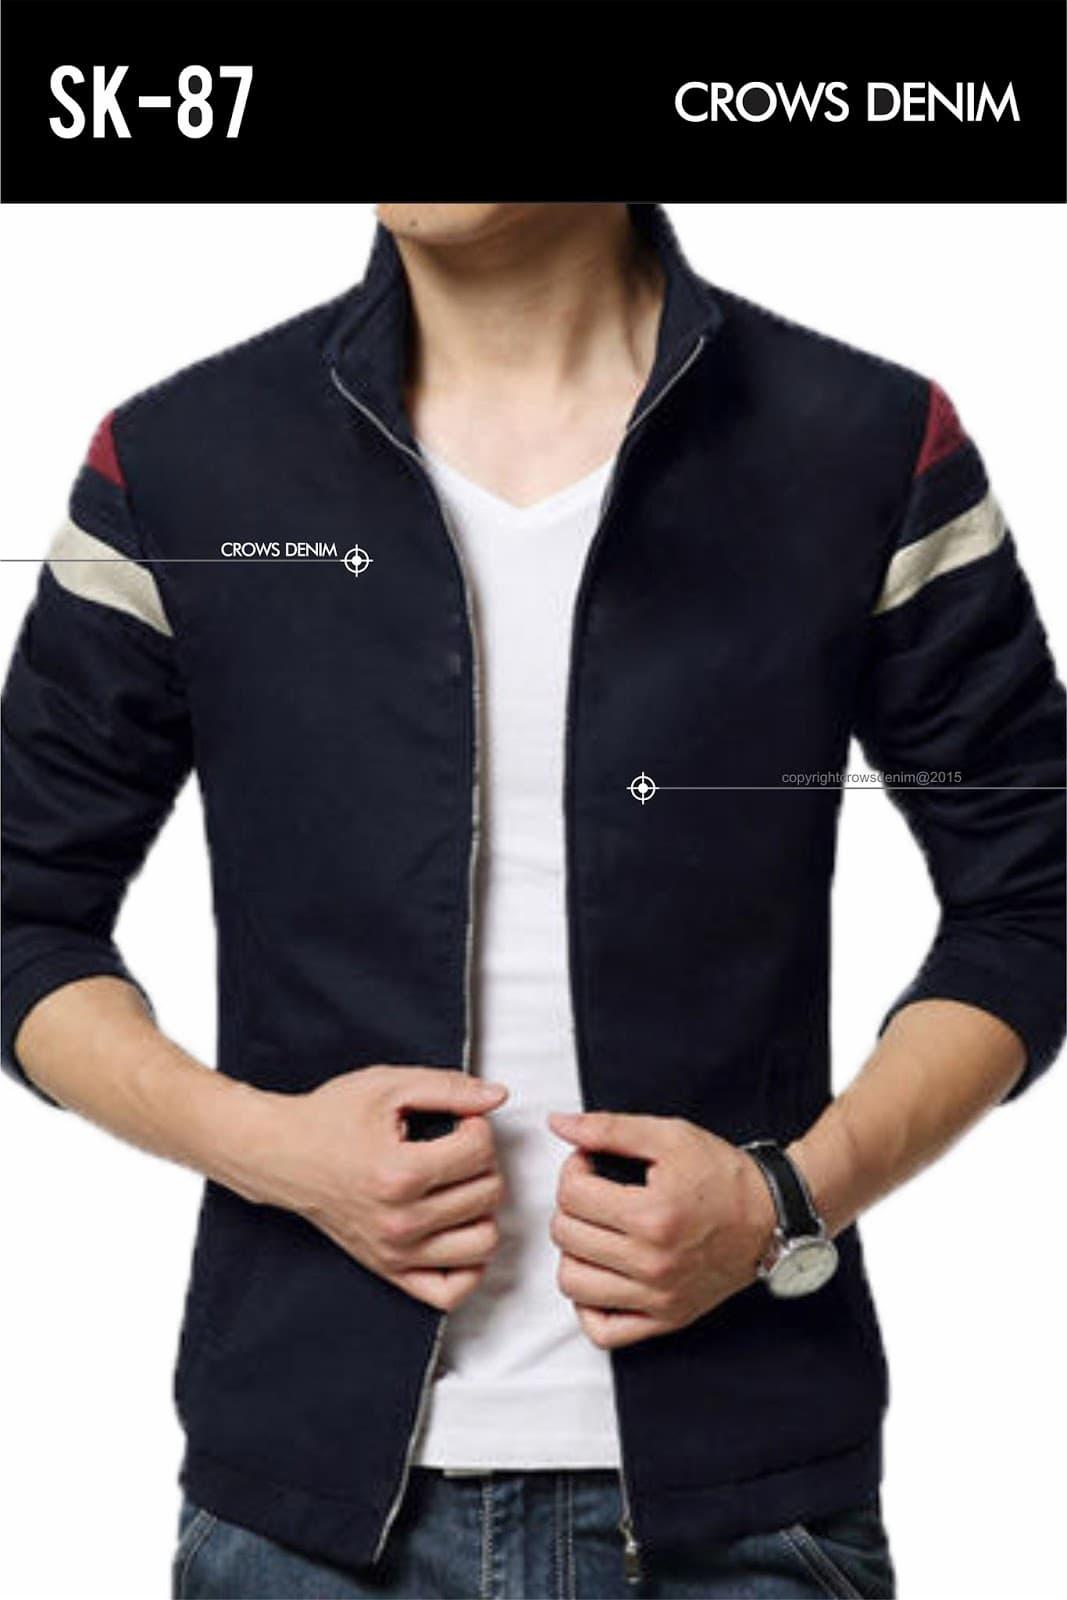 stylish sports jacket leaning - 700×916